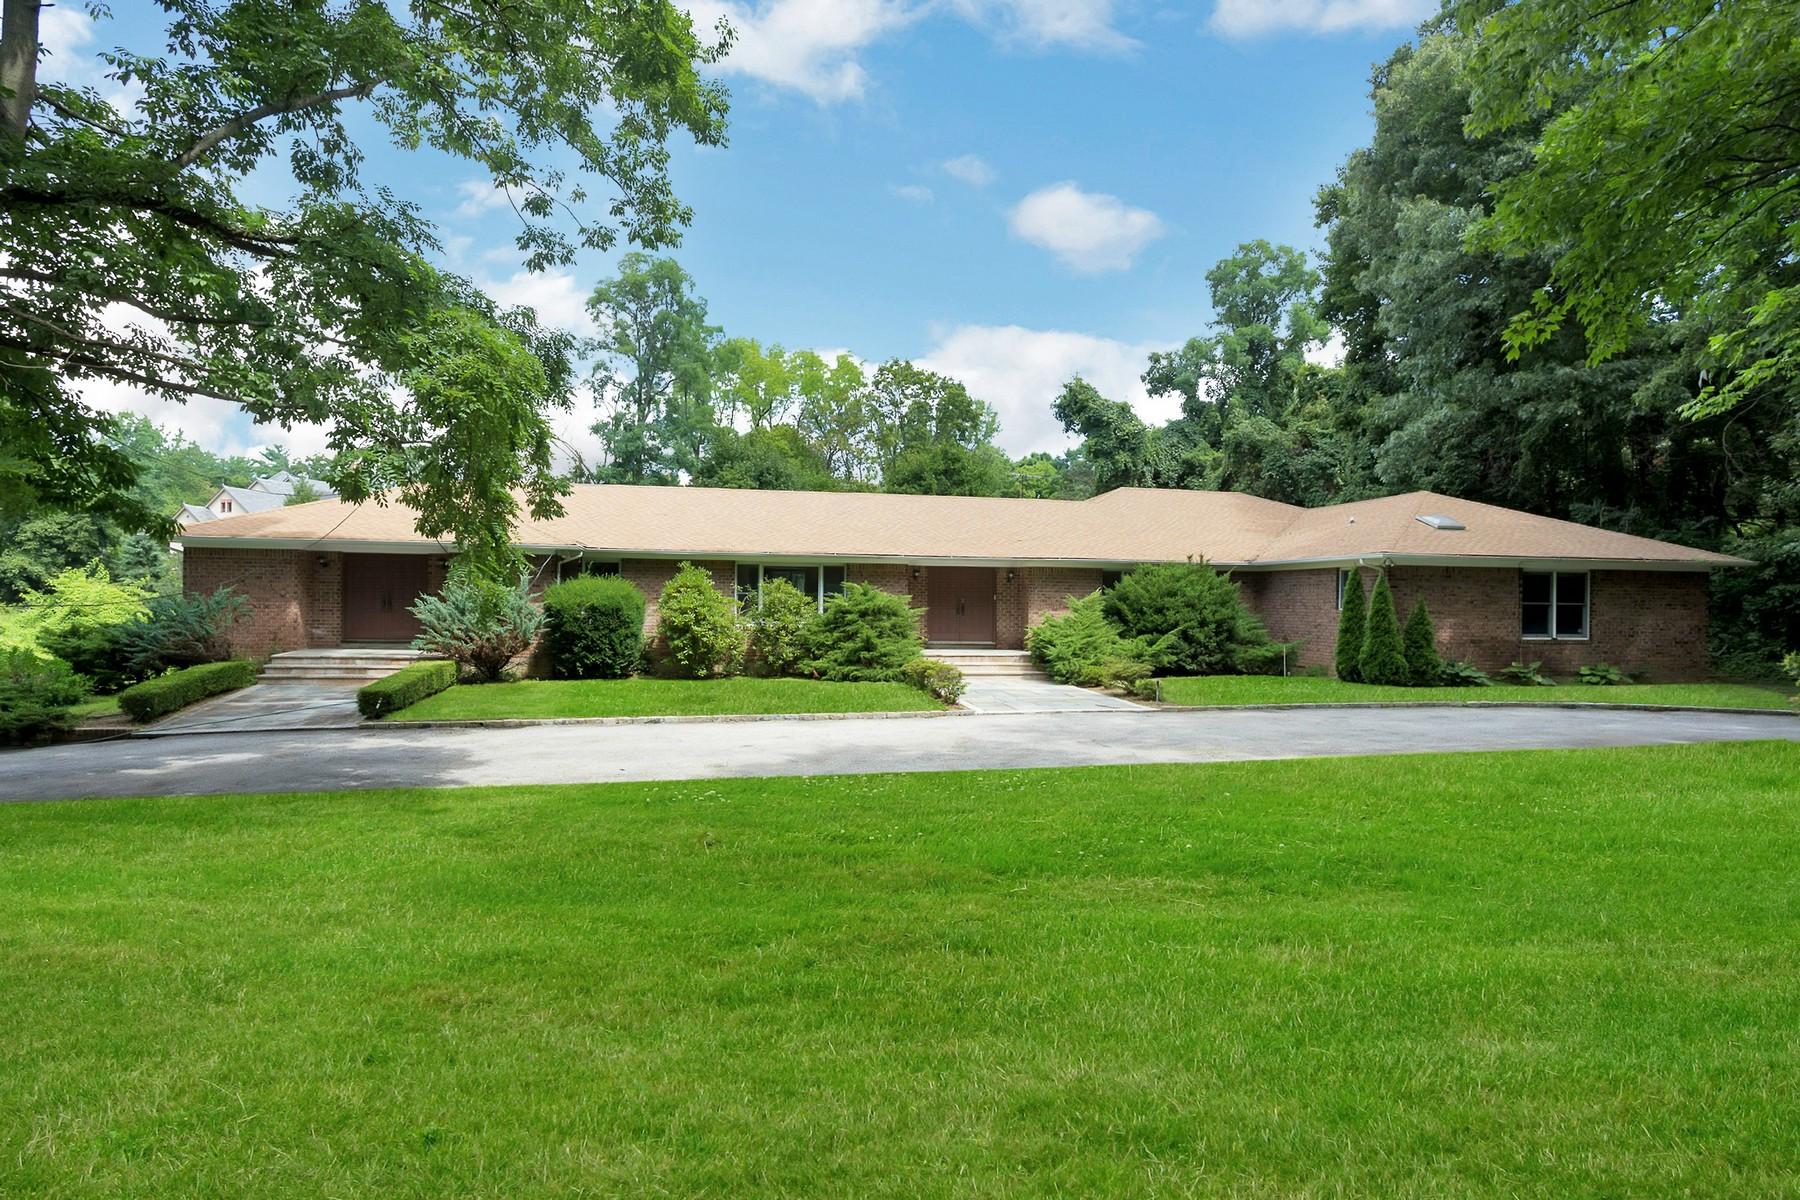 Casa para uma família para Venda às Ranch 169 Middle Neck Rd Sands Point, Nova York, 11050 Estados Unidos